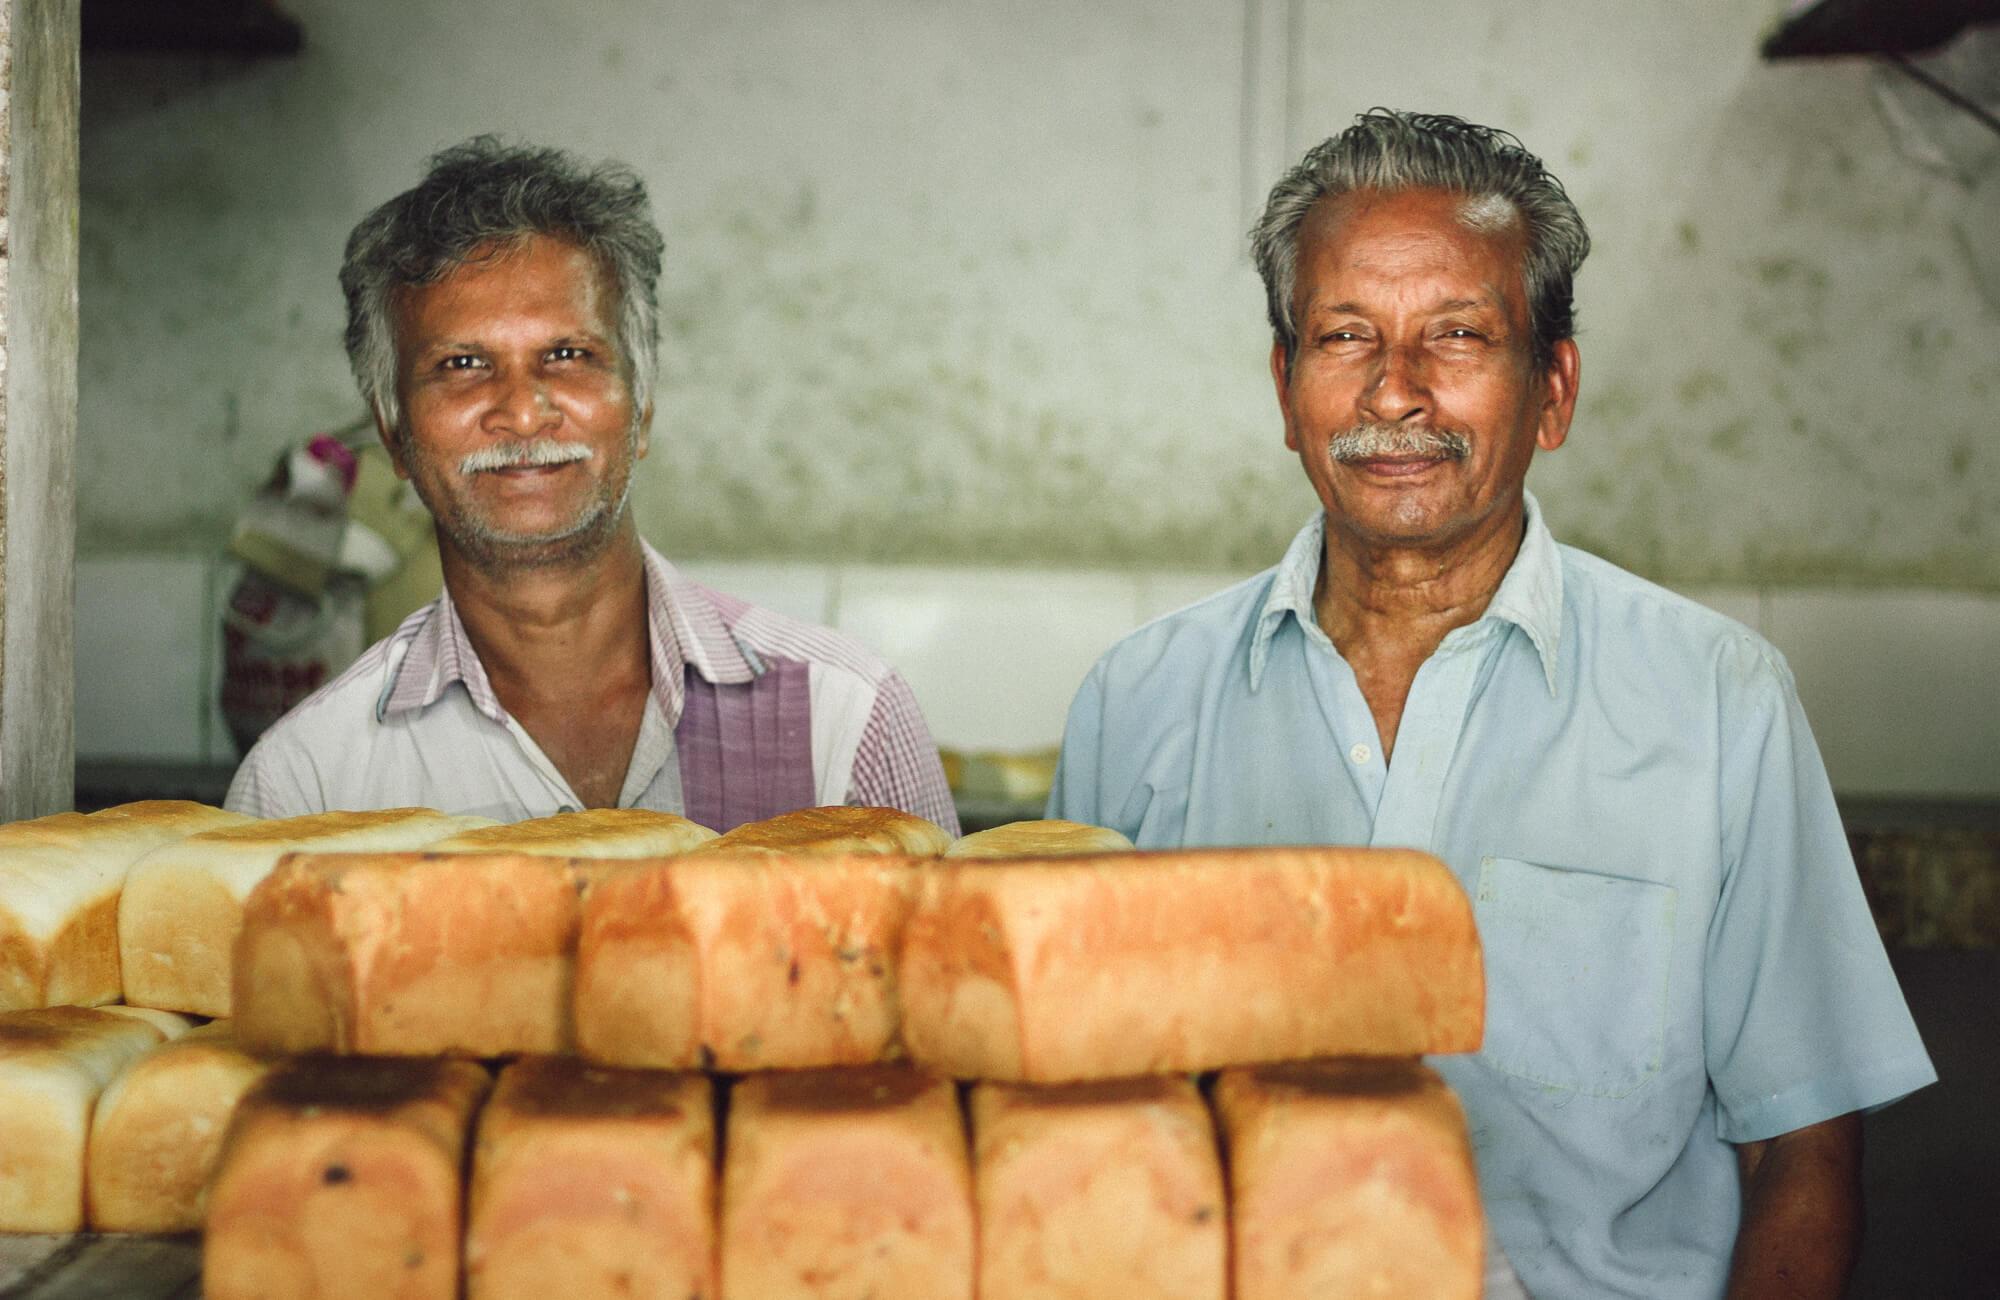 BREUDHER - PŘÍBĚH HOLANDSKÉHO CHLEBA<br>Výrobci breudheru v pekárně Quality Bakery s čerstvě upečenými bochníky.